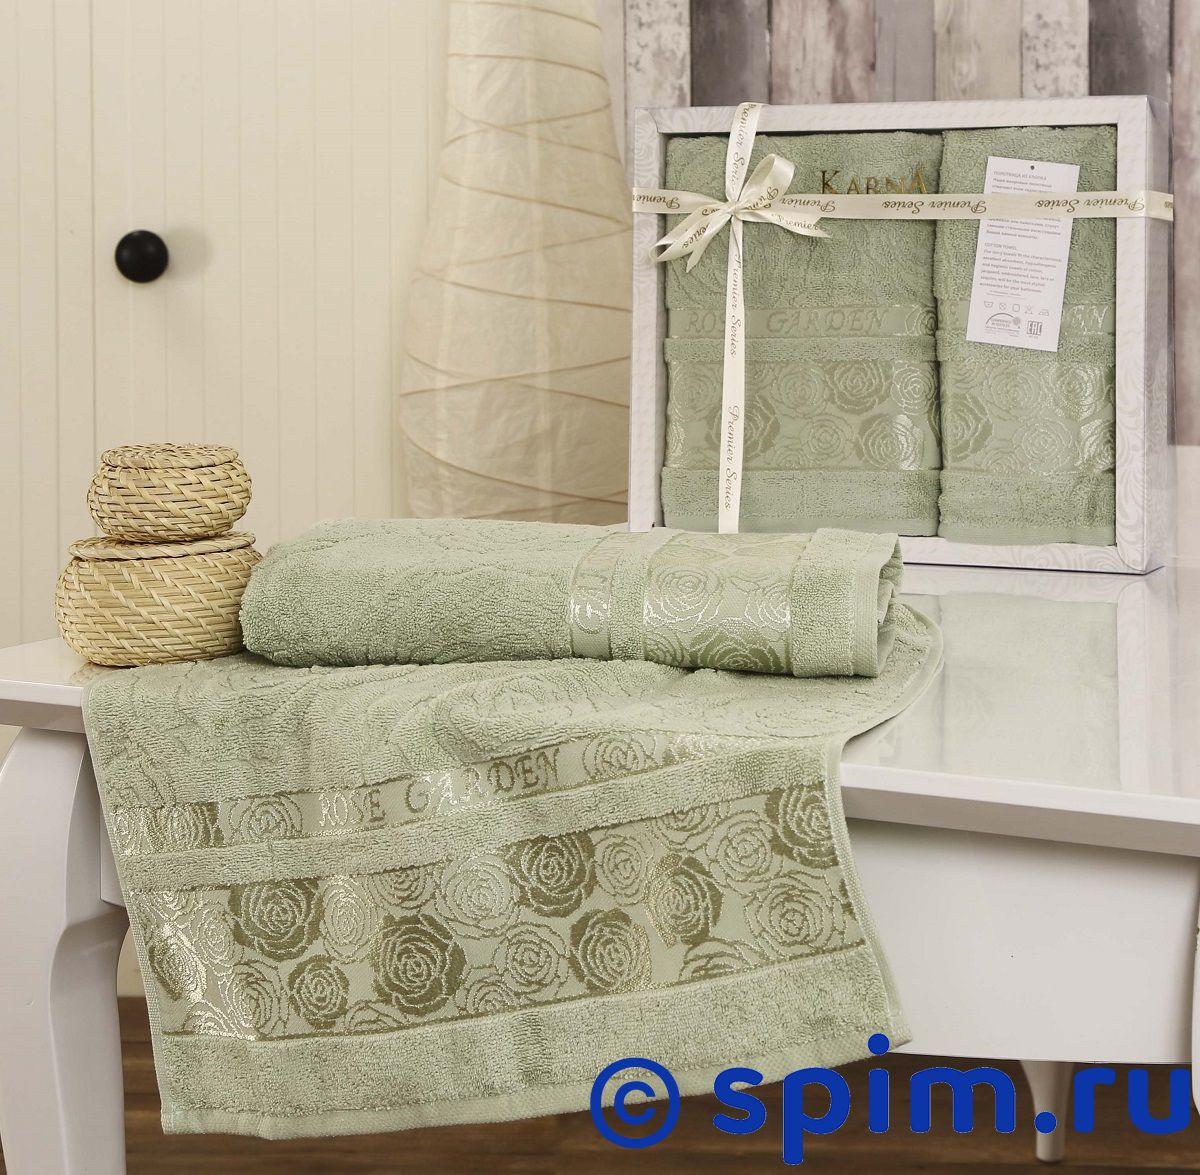 Комплект полотенец Karna Rose Garden, зеленый